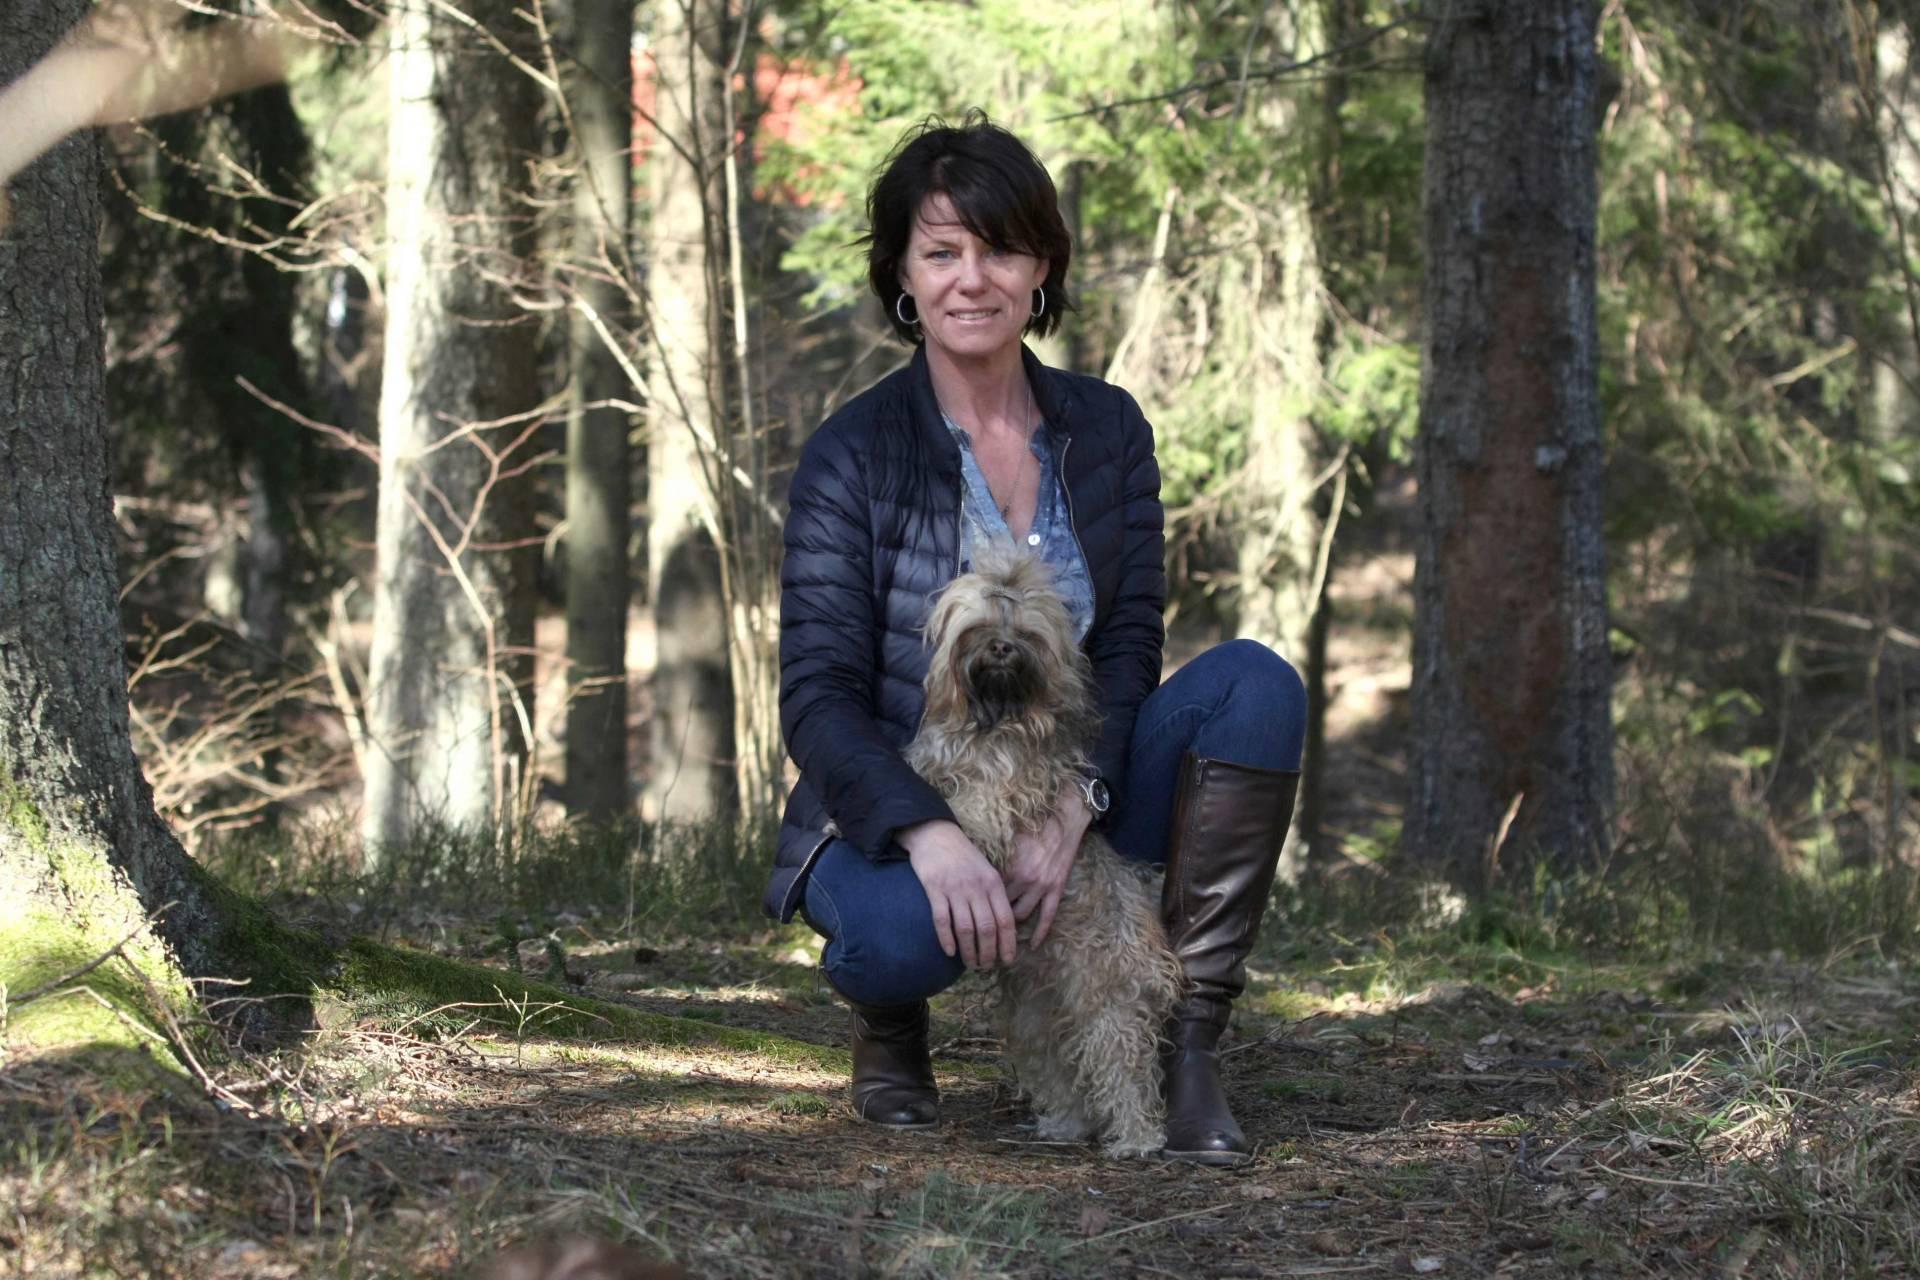 Sköldkörtelsjuka Nadja: Det Har Varit Svårt Att Få Hjälp